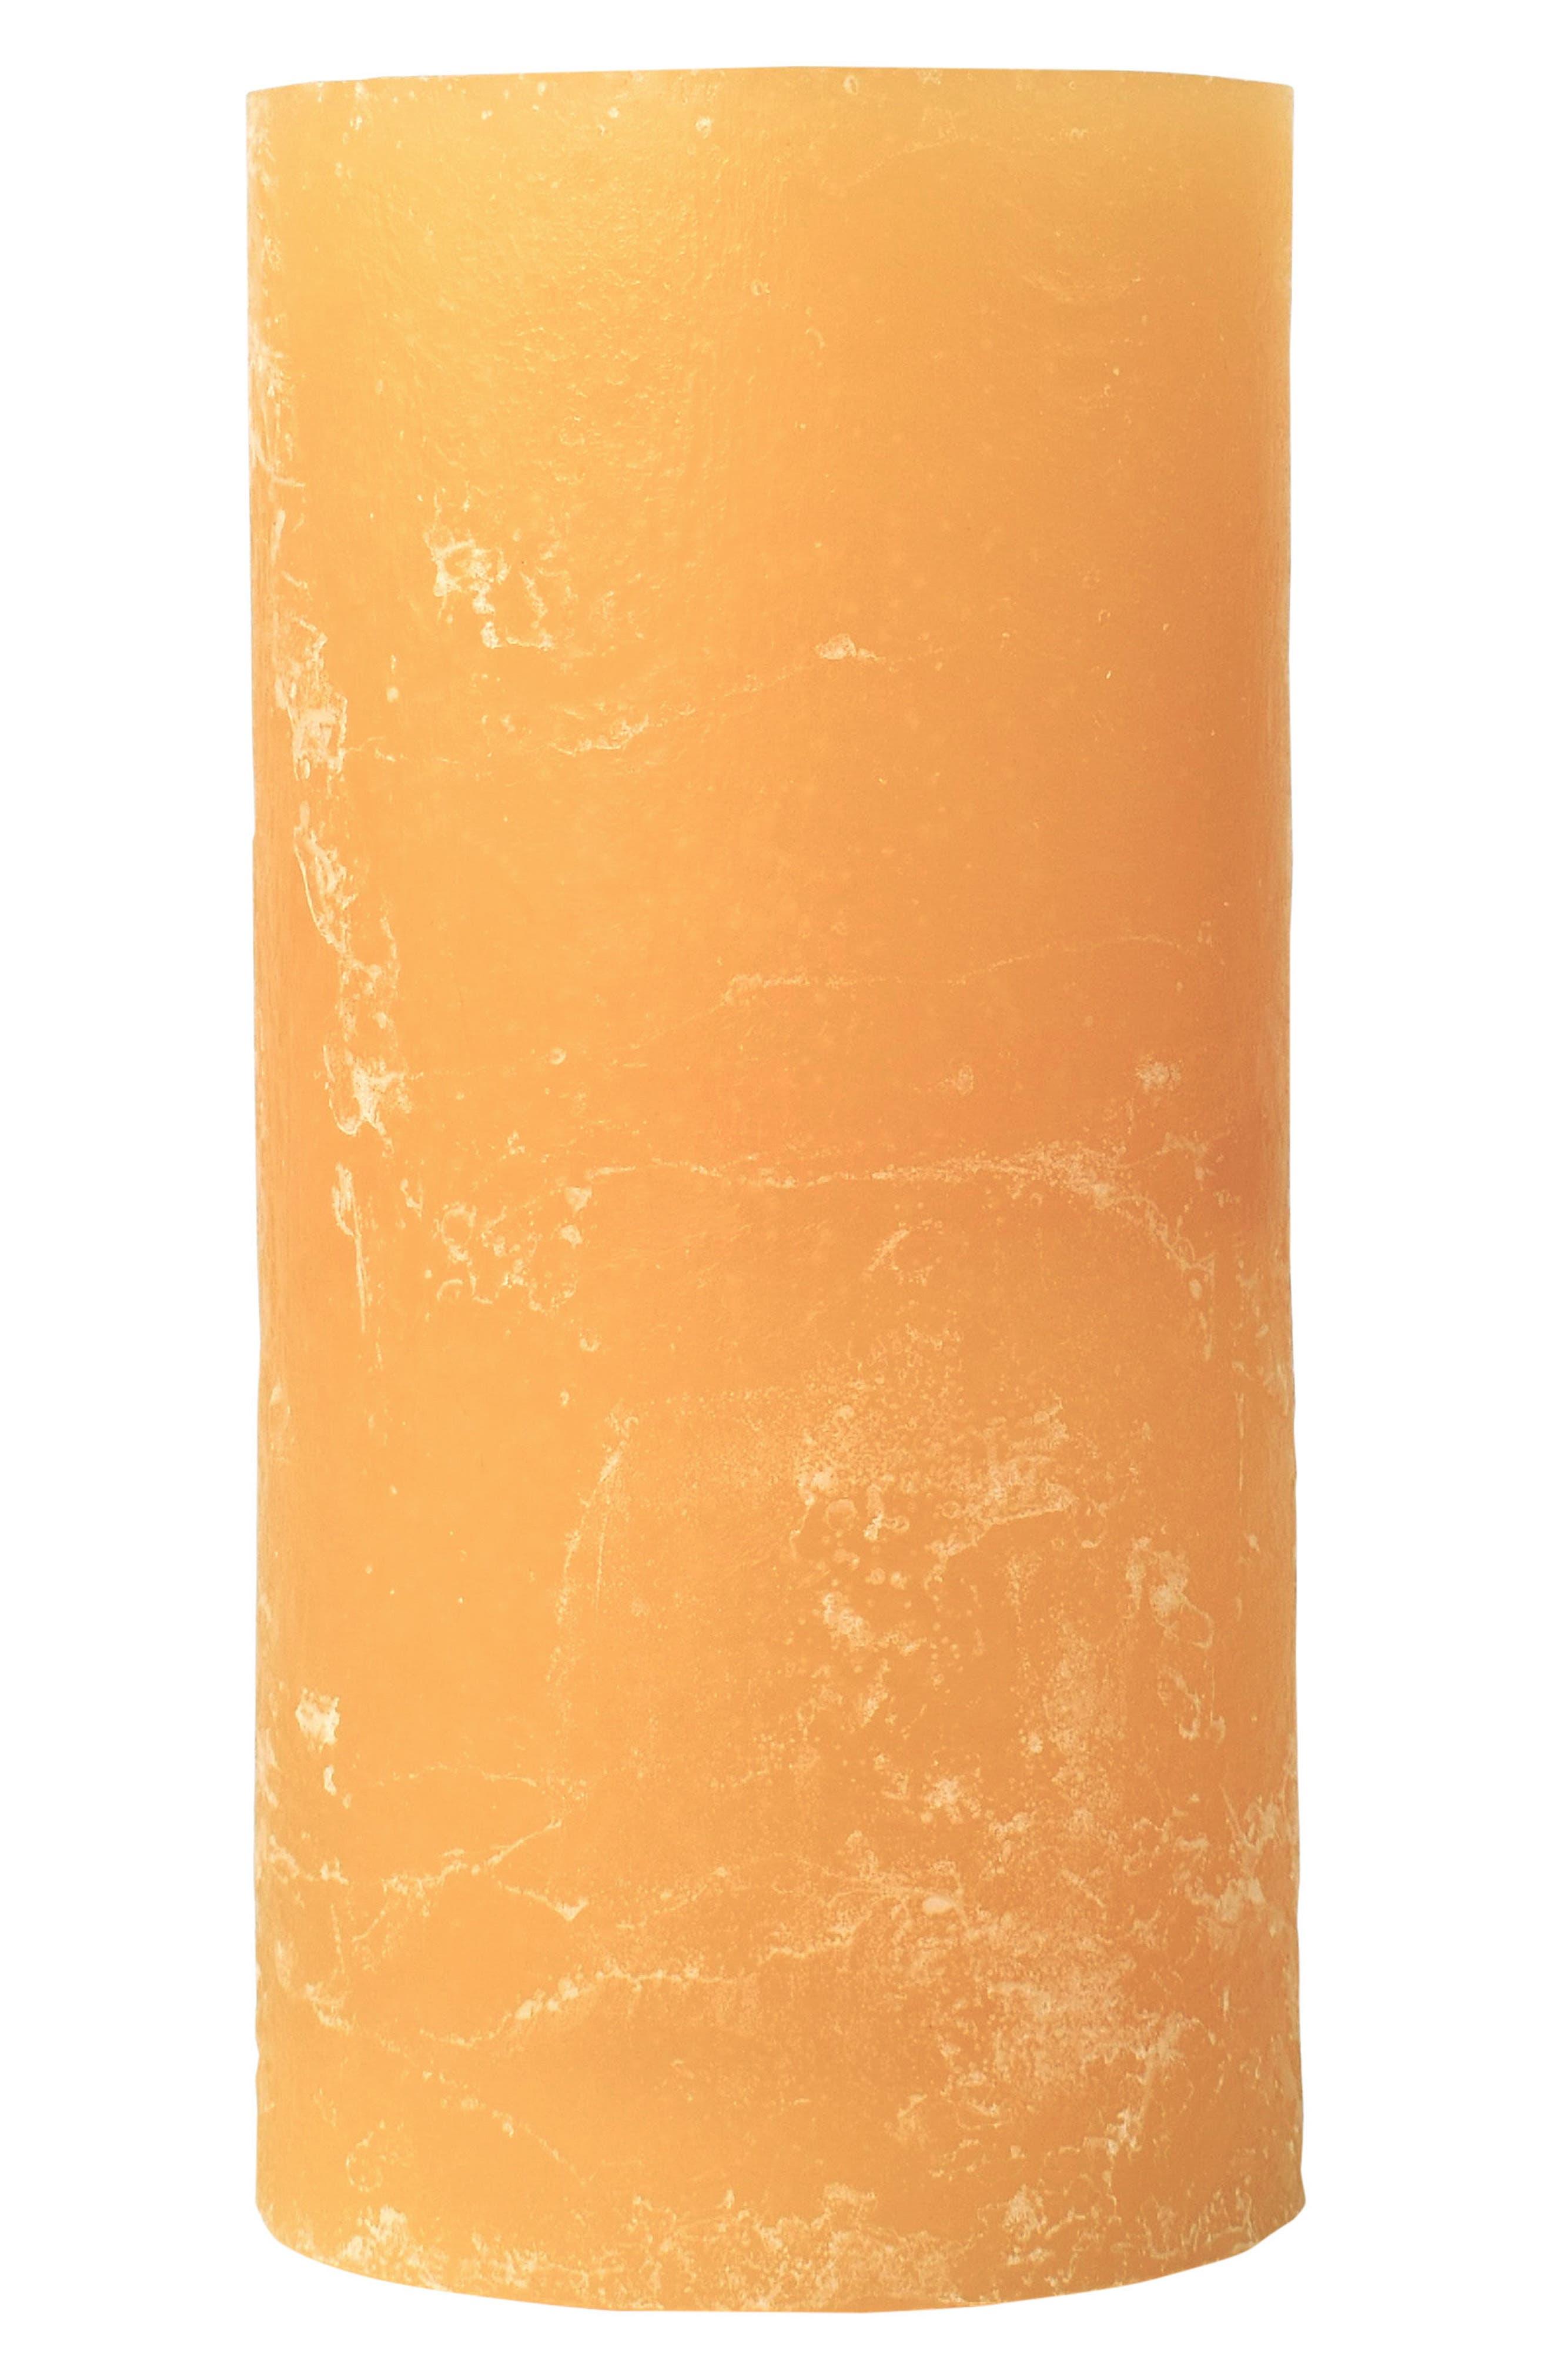 Alternate Image 1 Selected - Amazing Flameless Candle Honey Artisan Flameless Candle